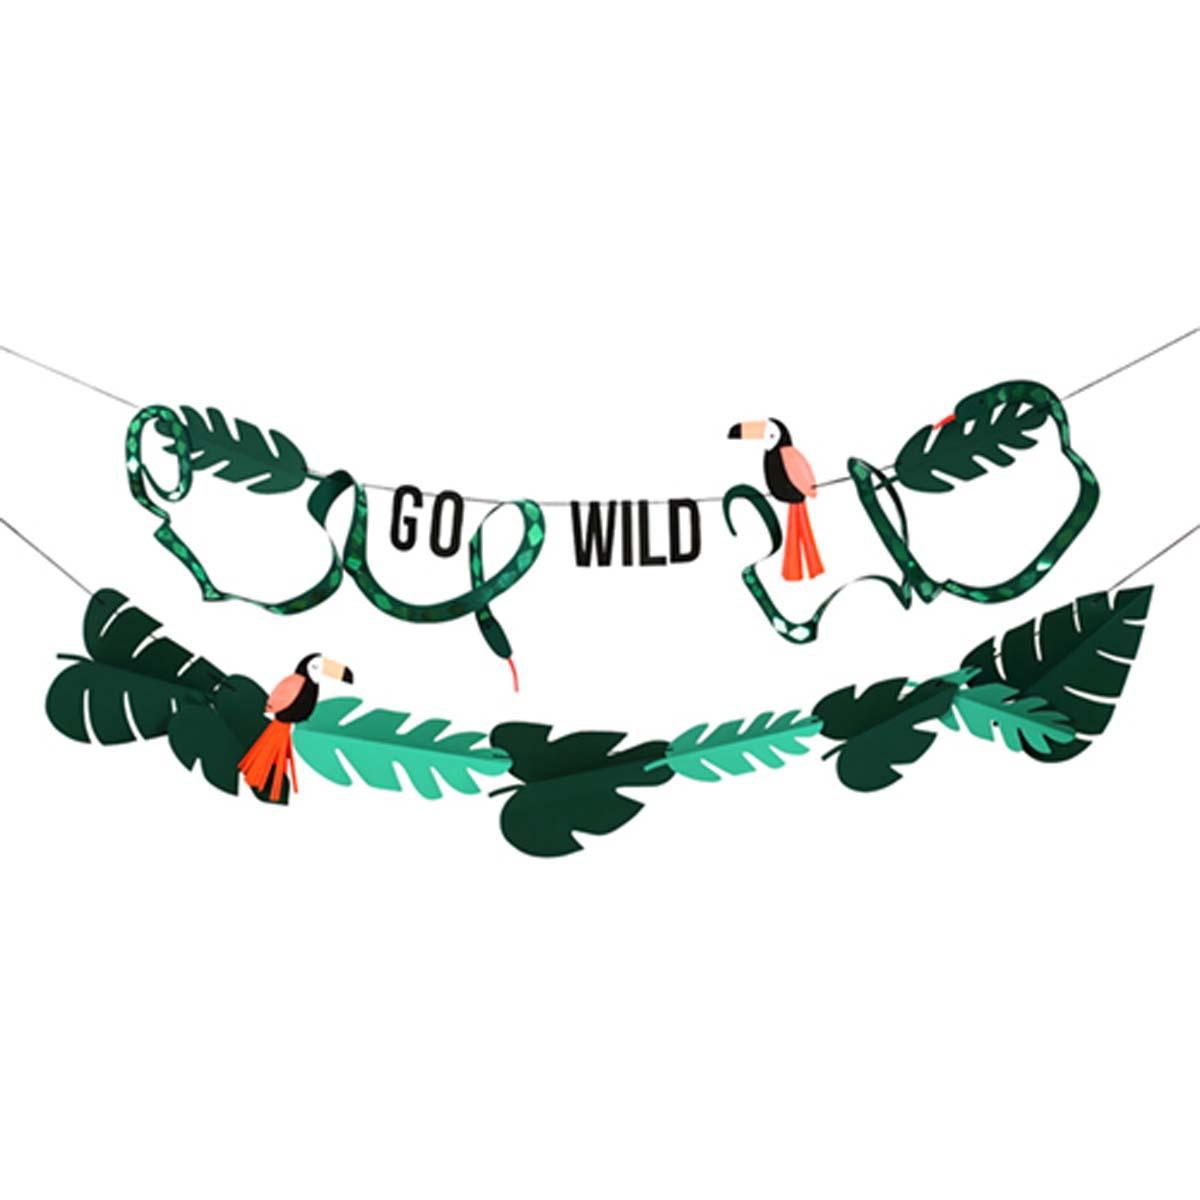 Anniversaire & Fête Guirlande Go Wild Guirlande Go Wild